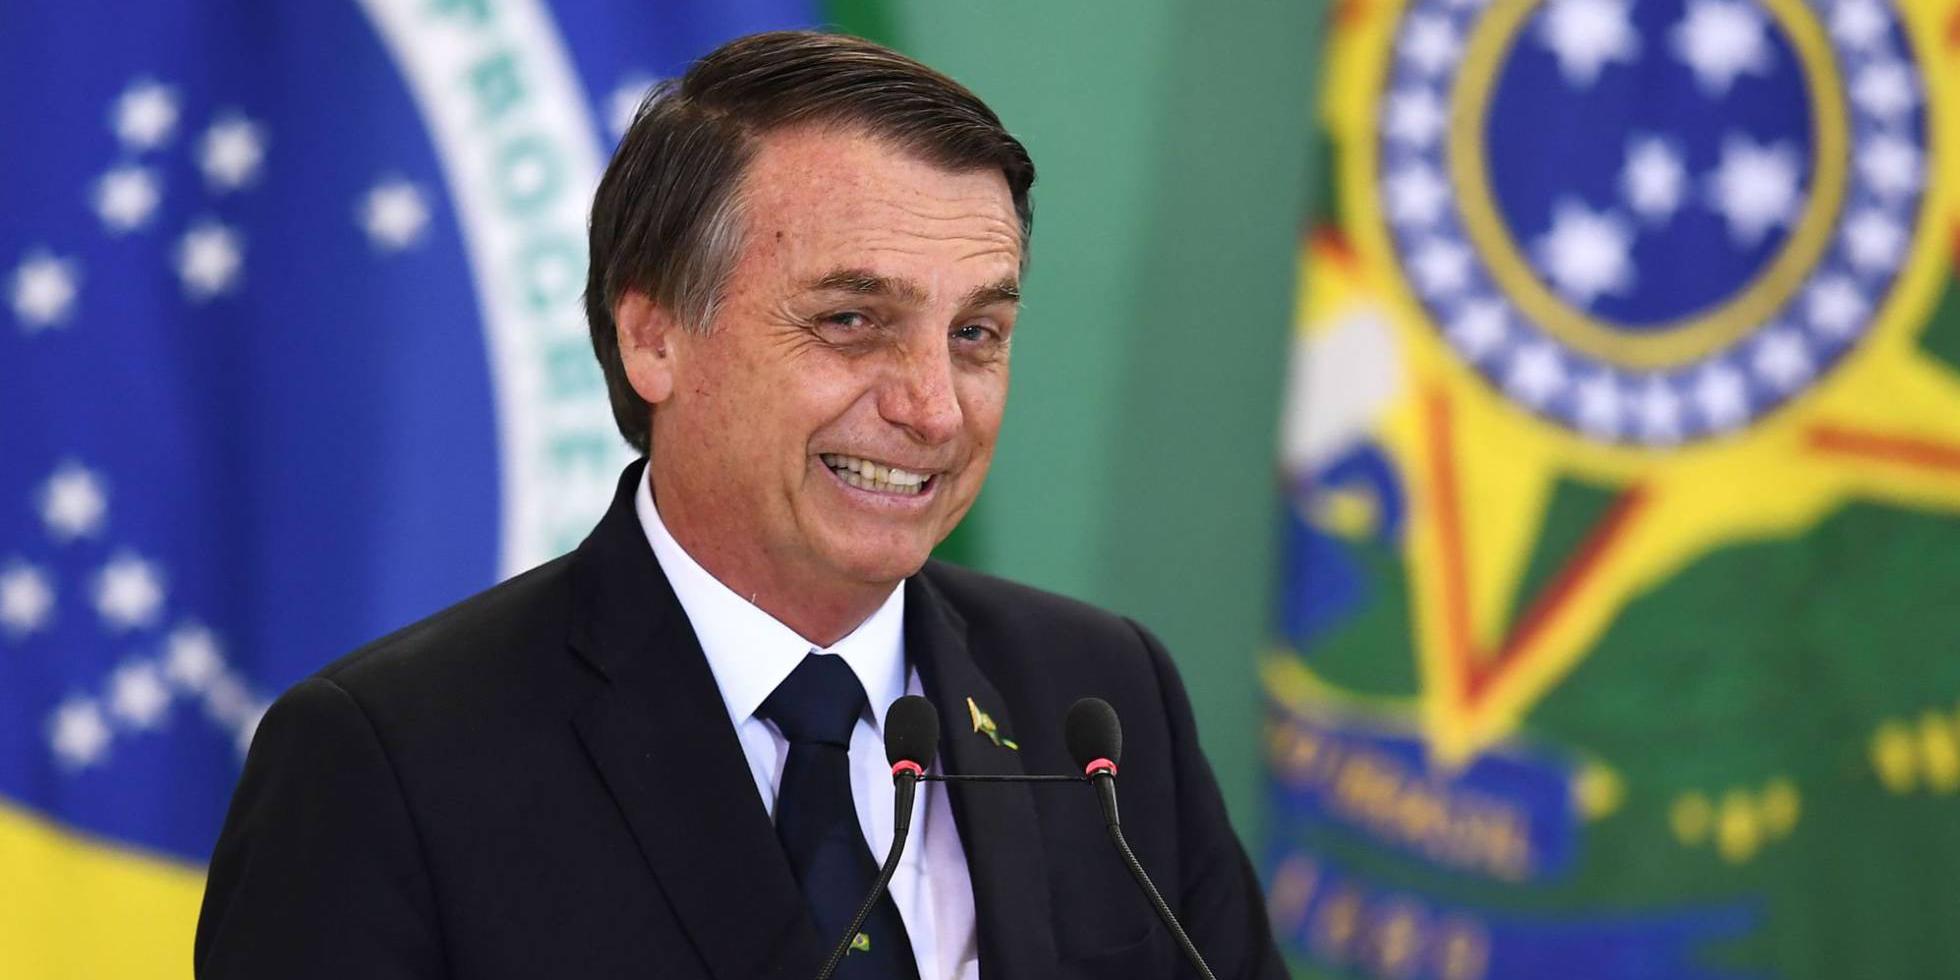 Imagen de la nota 'Jair Bolsonaro contra las medidas de prevención del coronavirus'